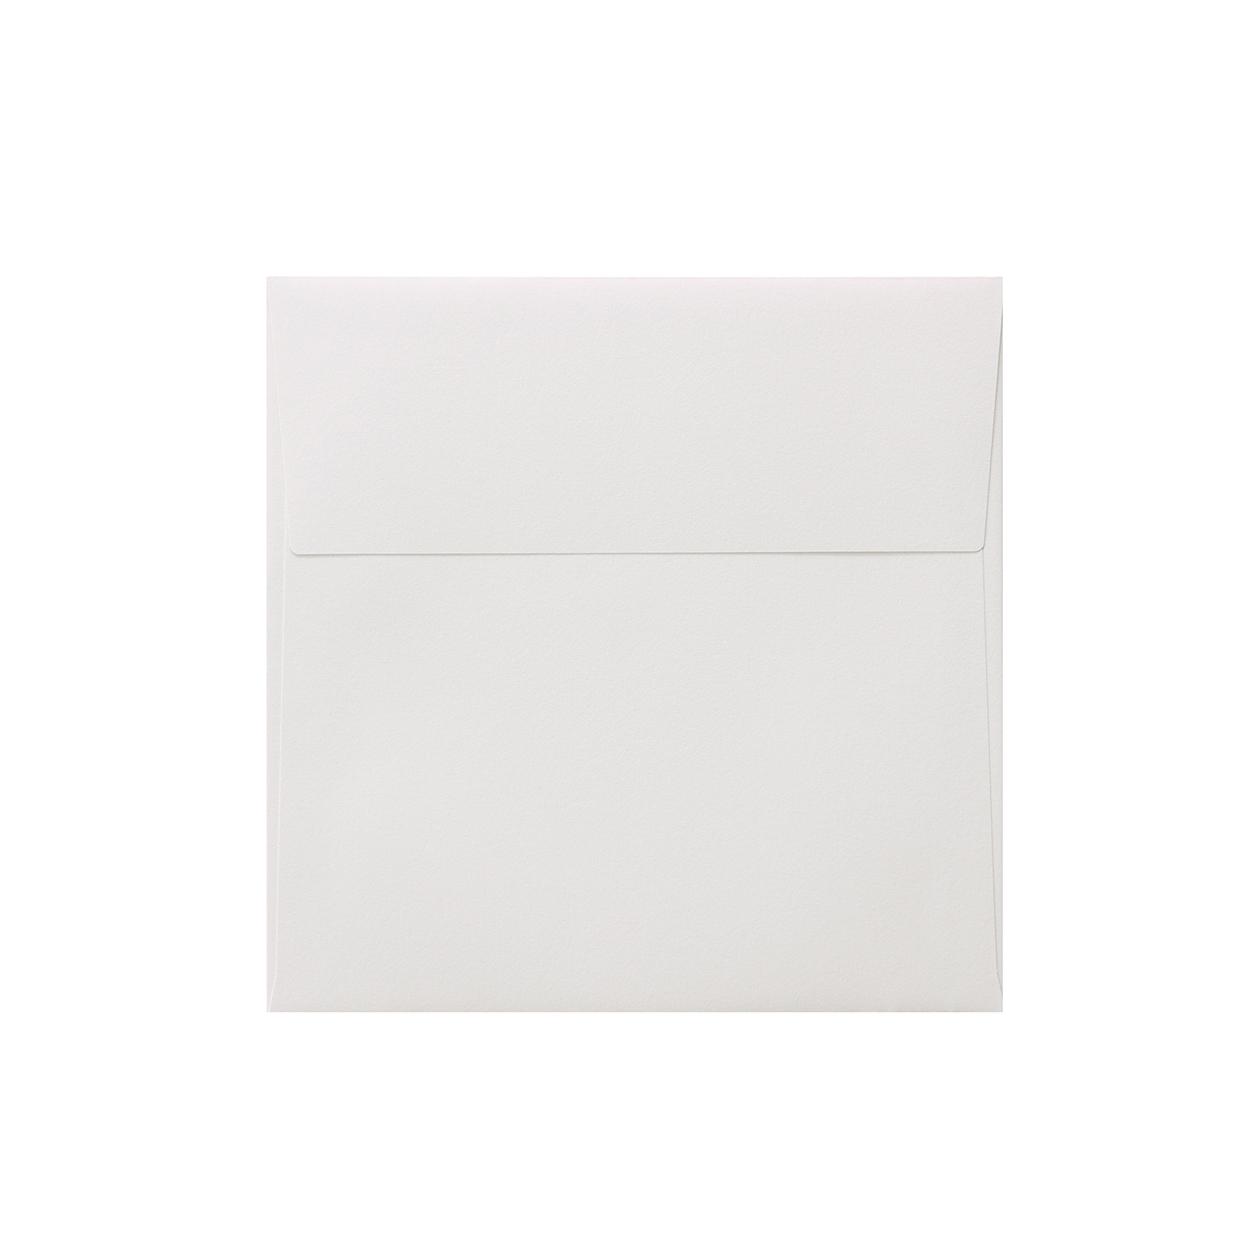 SE16カマス封筒 コットン ライトグレイ 116.3g